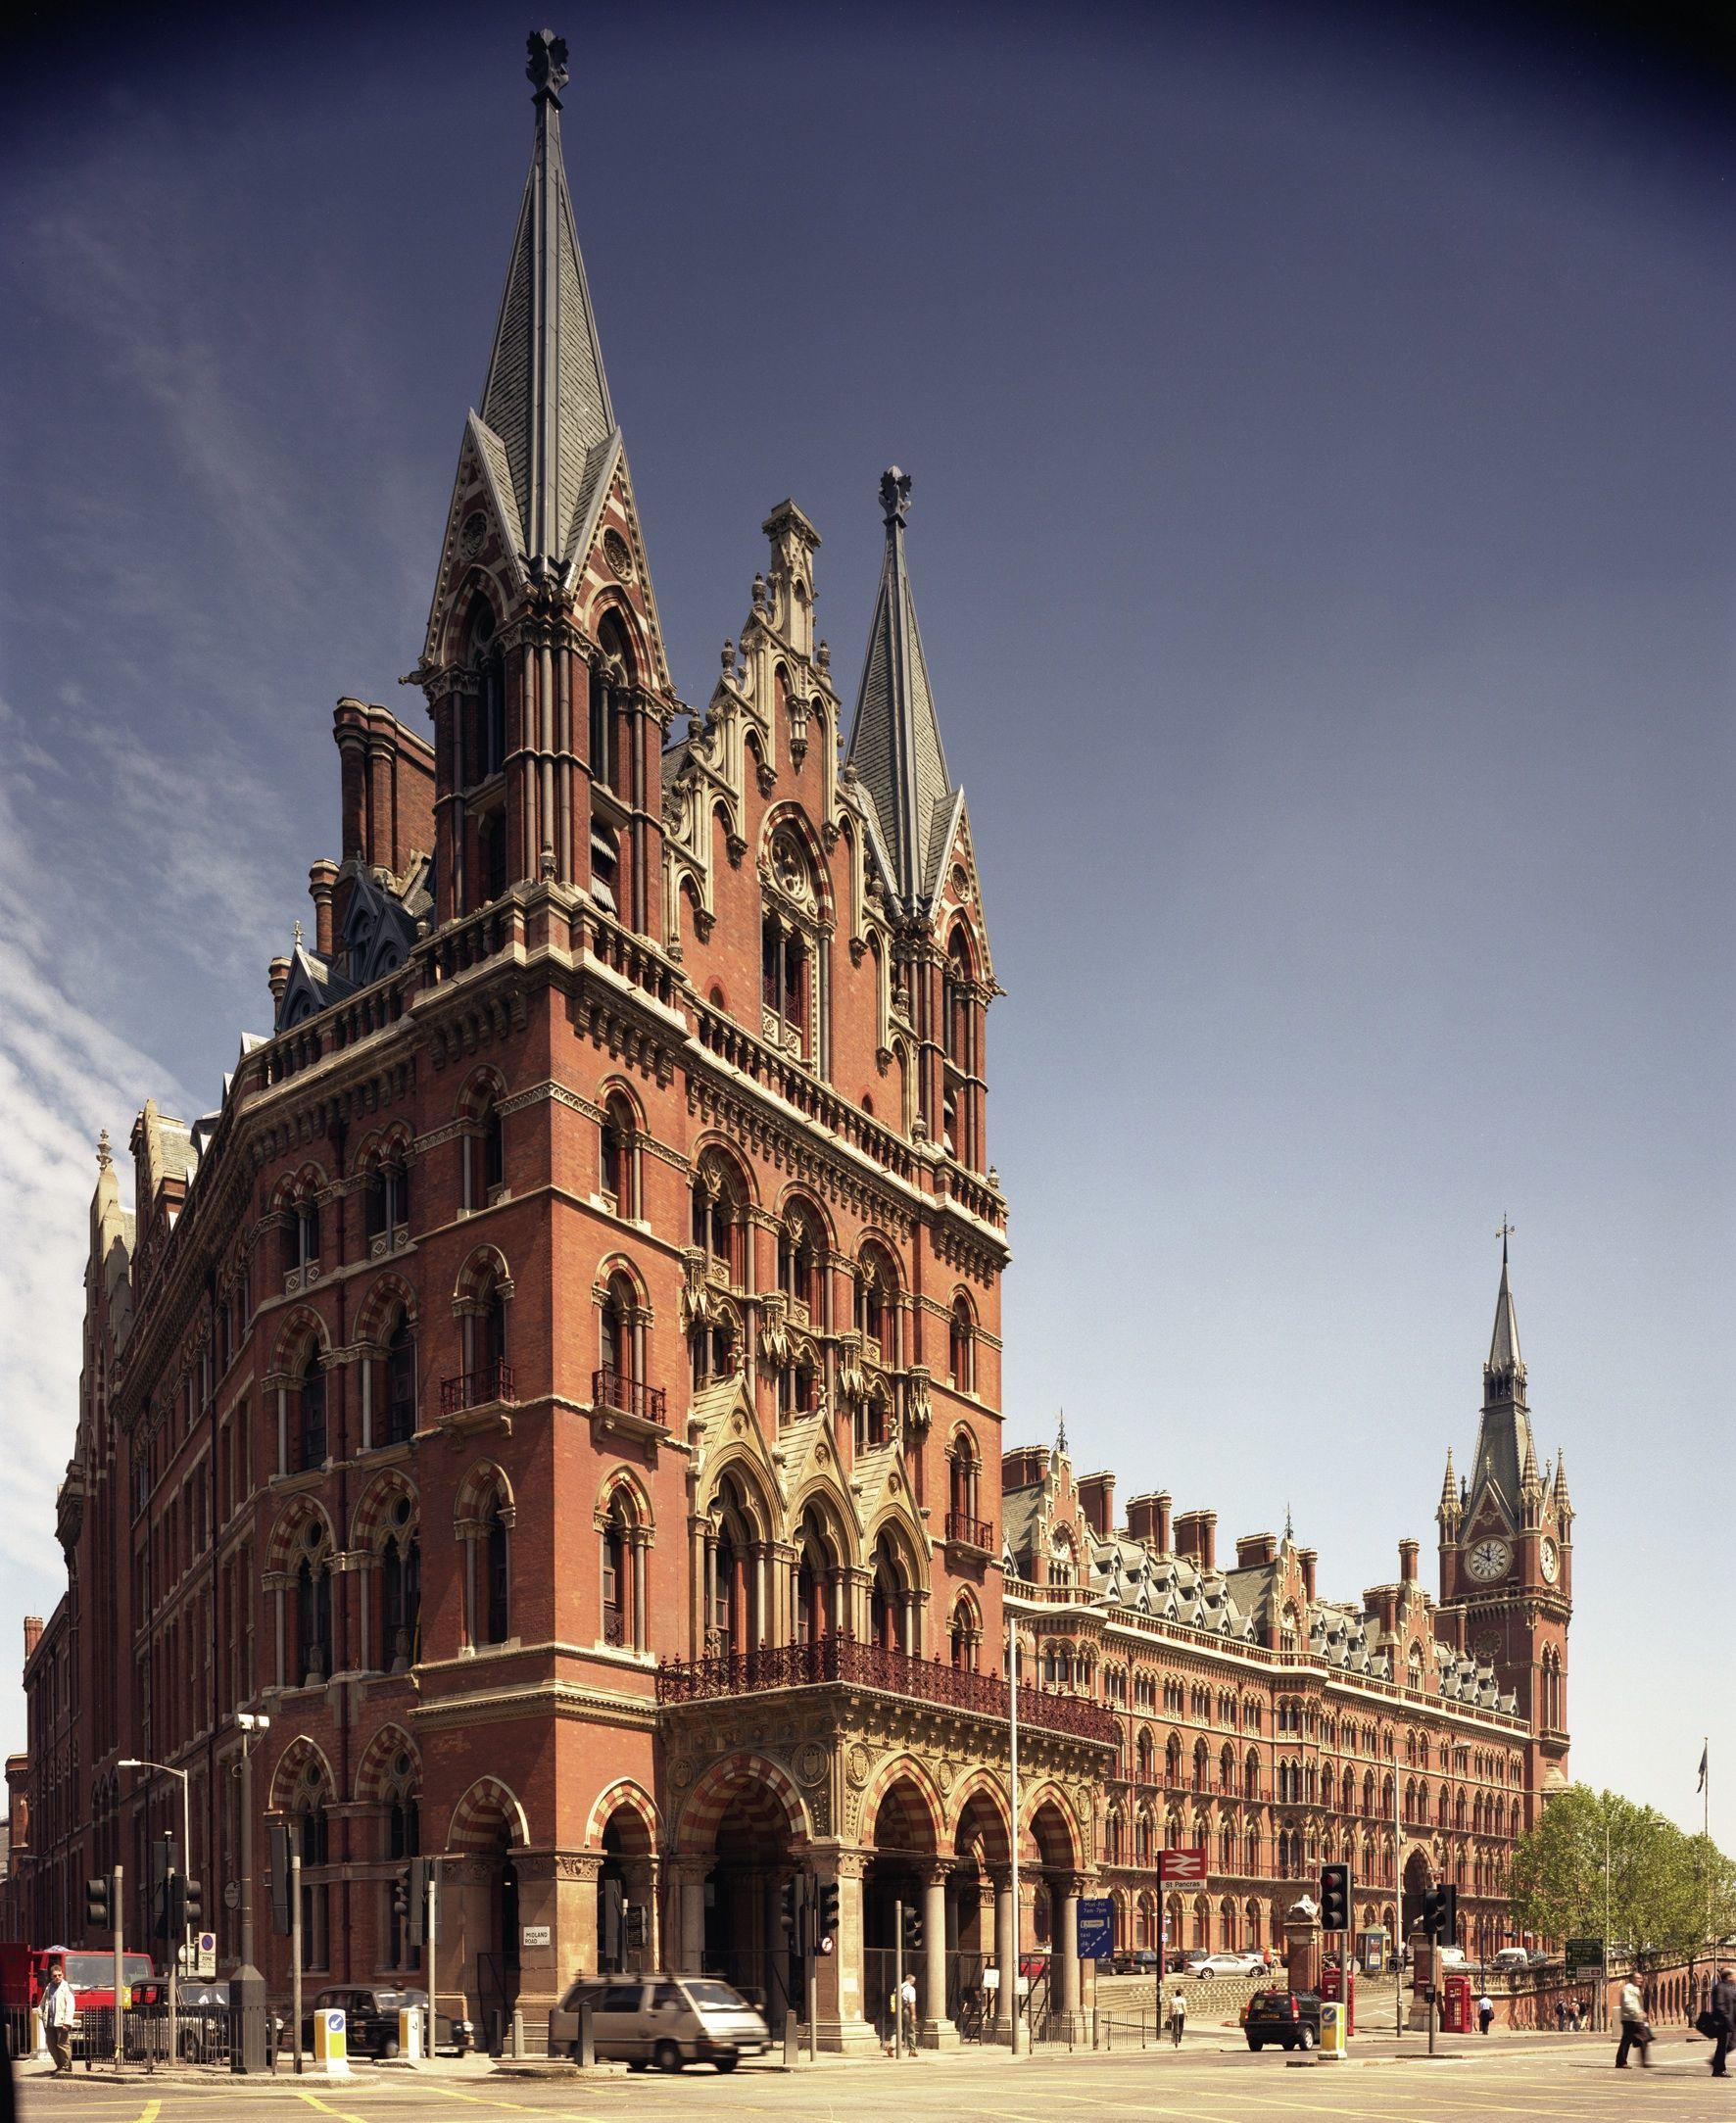 Strategic Acquisitions St Pancras Hotel Harry Potter Locations St Pancras